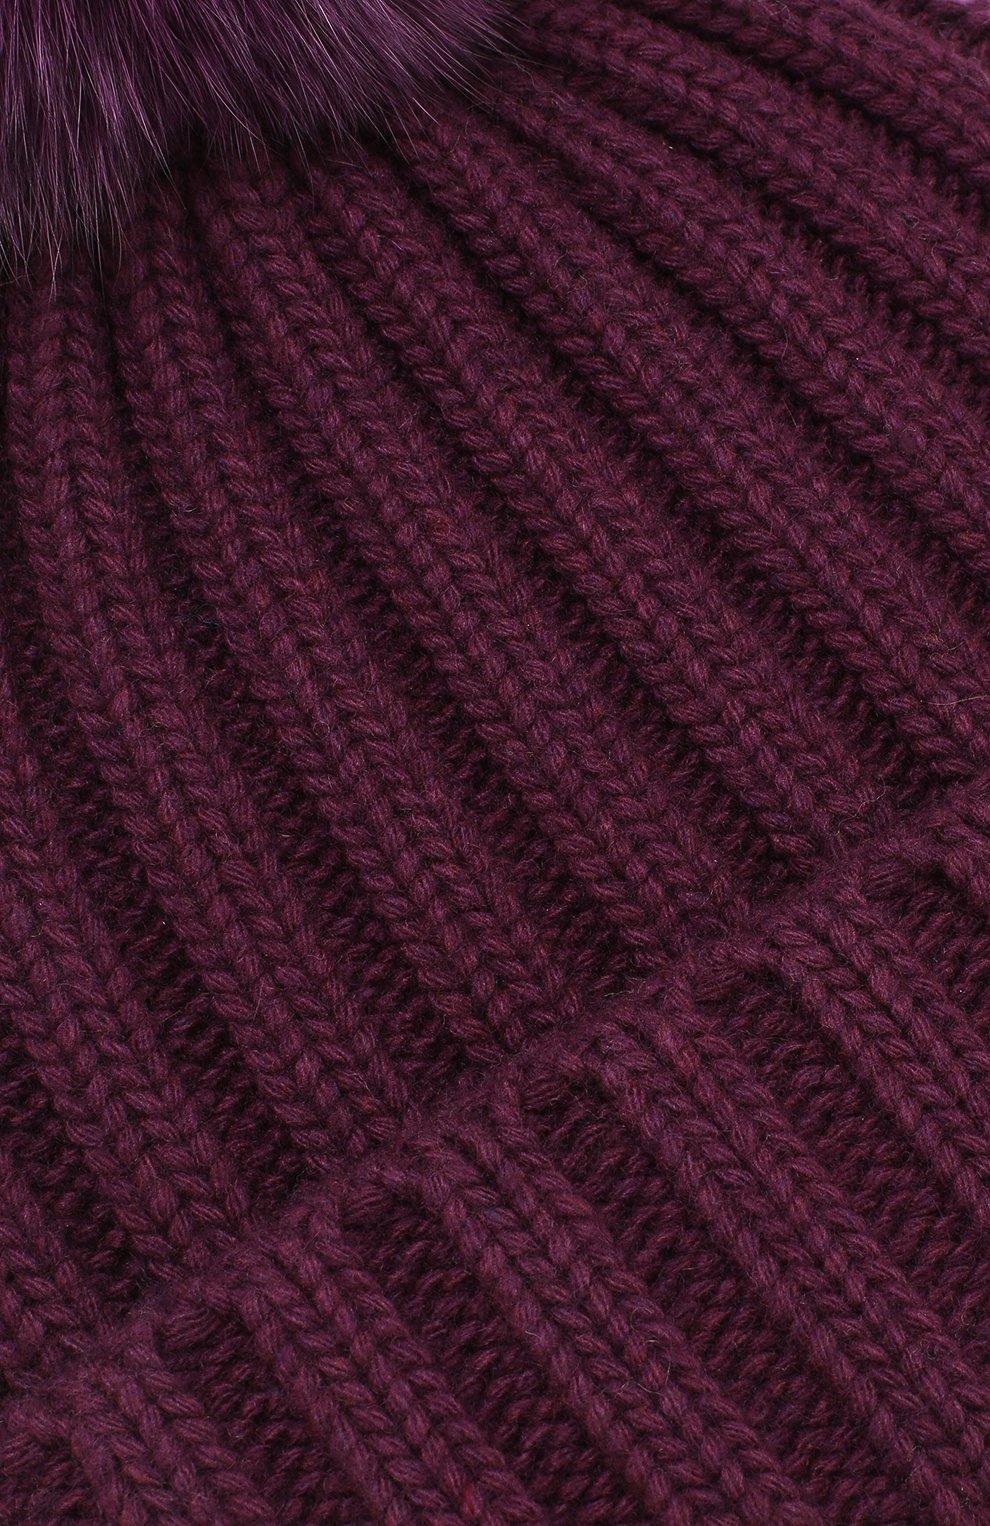 Шапка крупной вязки с меховым помпоном | Фото №3